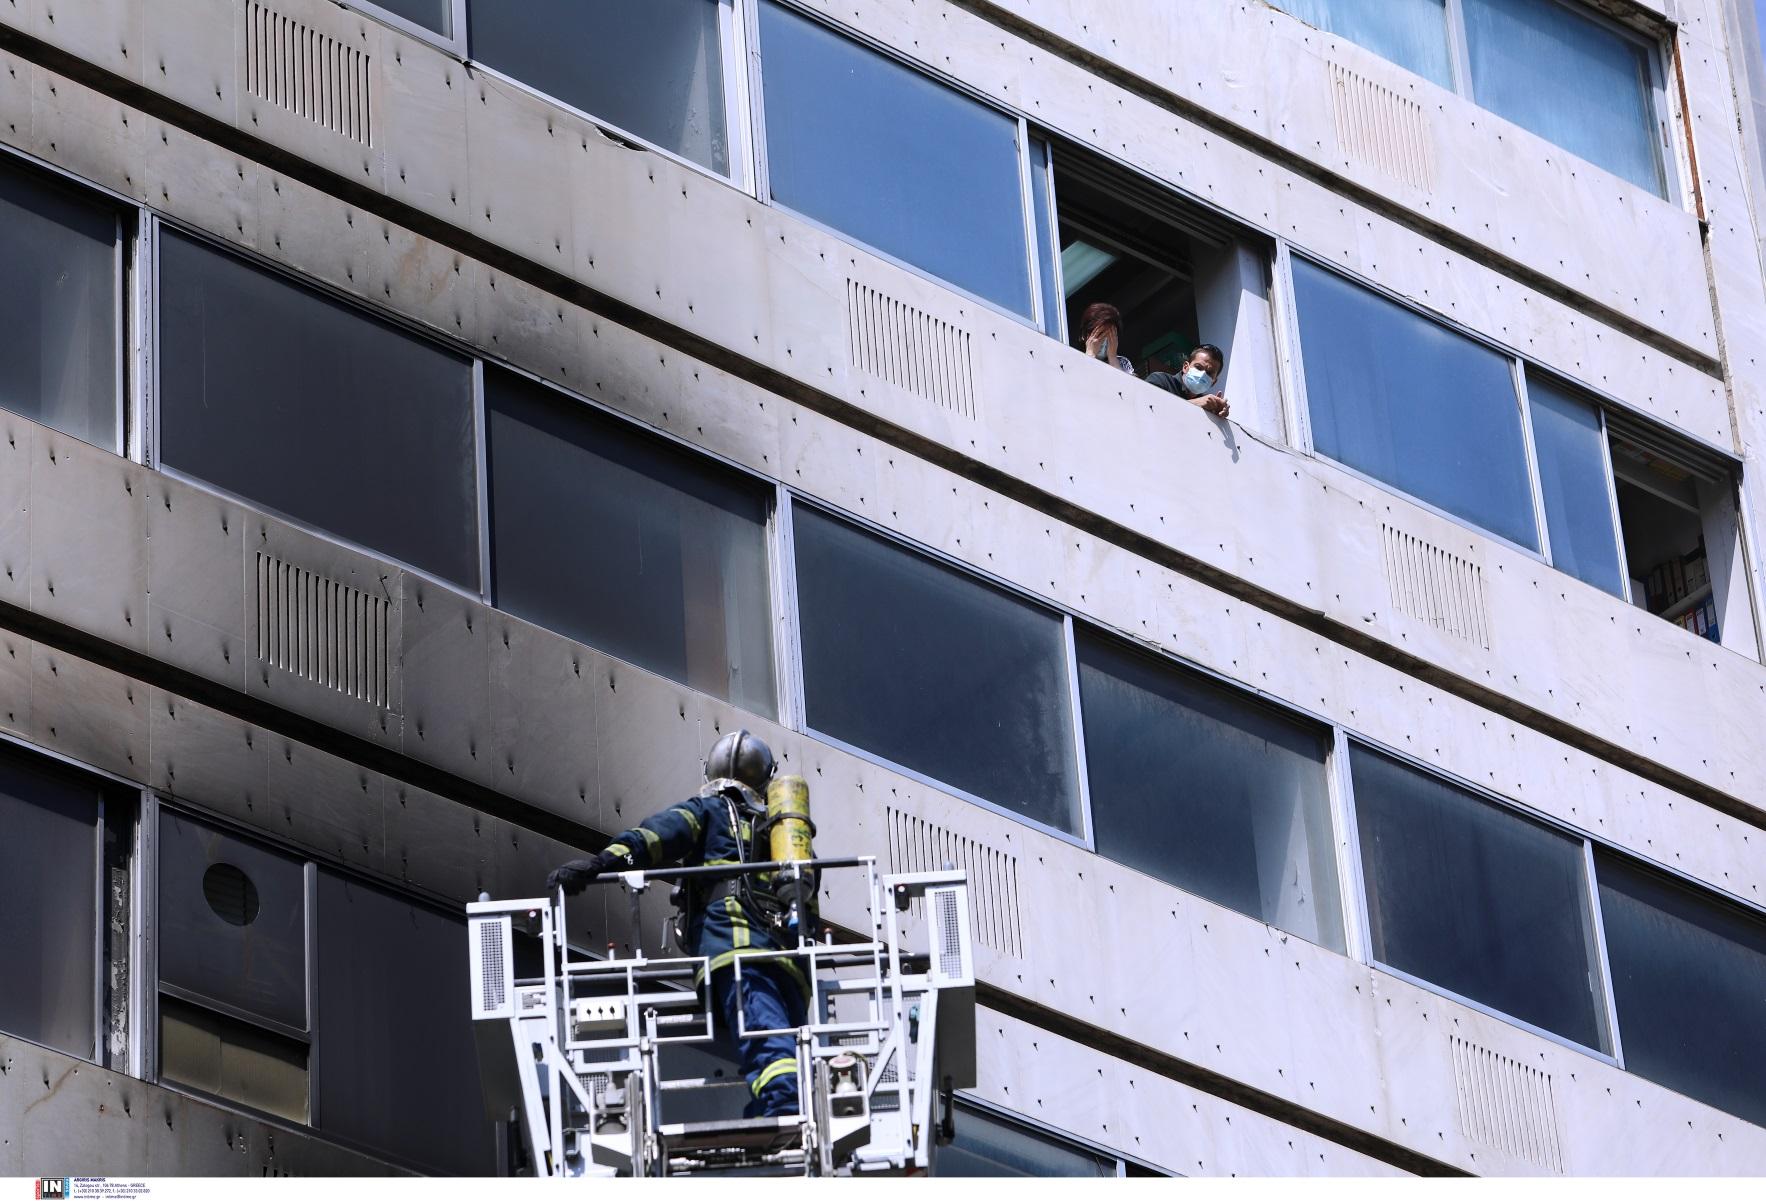 Φωτιά στην 3ης Σεπτεμβρίου: Απεγκλωβίστηκαν τρεις υπάλληλοι ασφαλιστικής εταιρίας